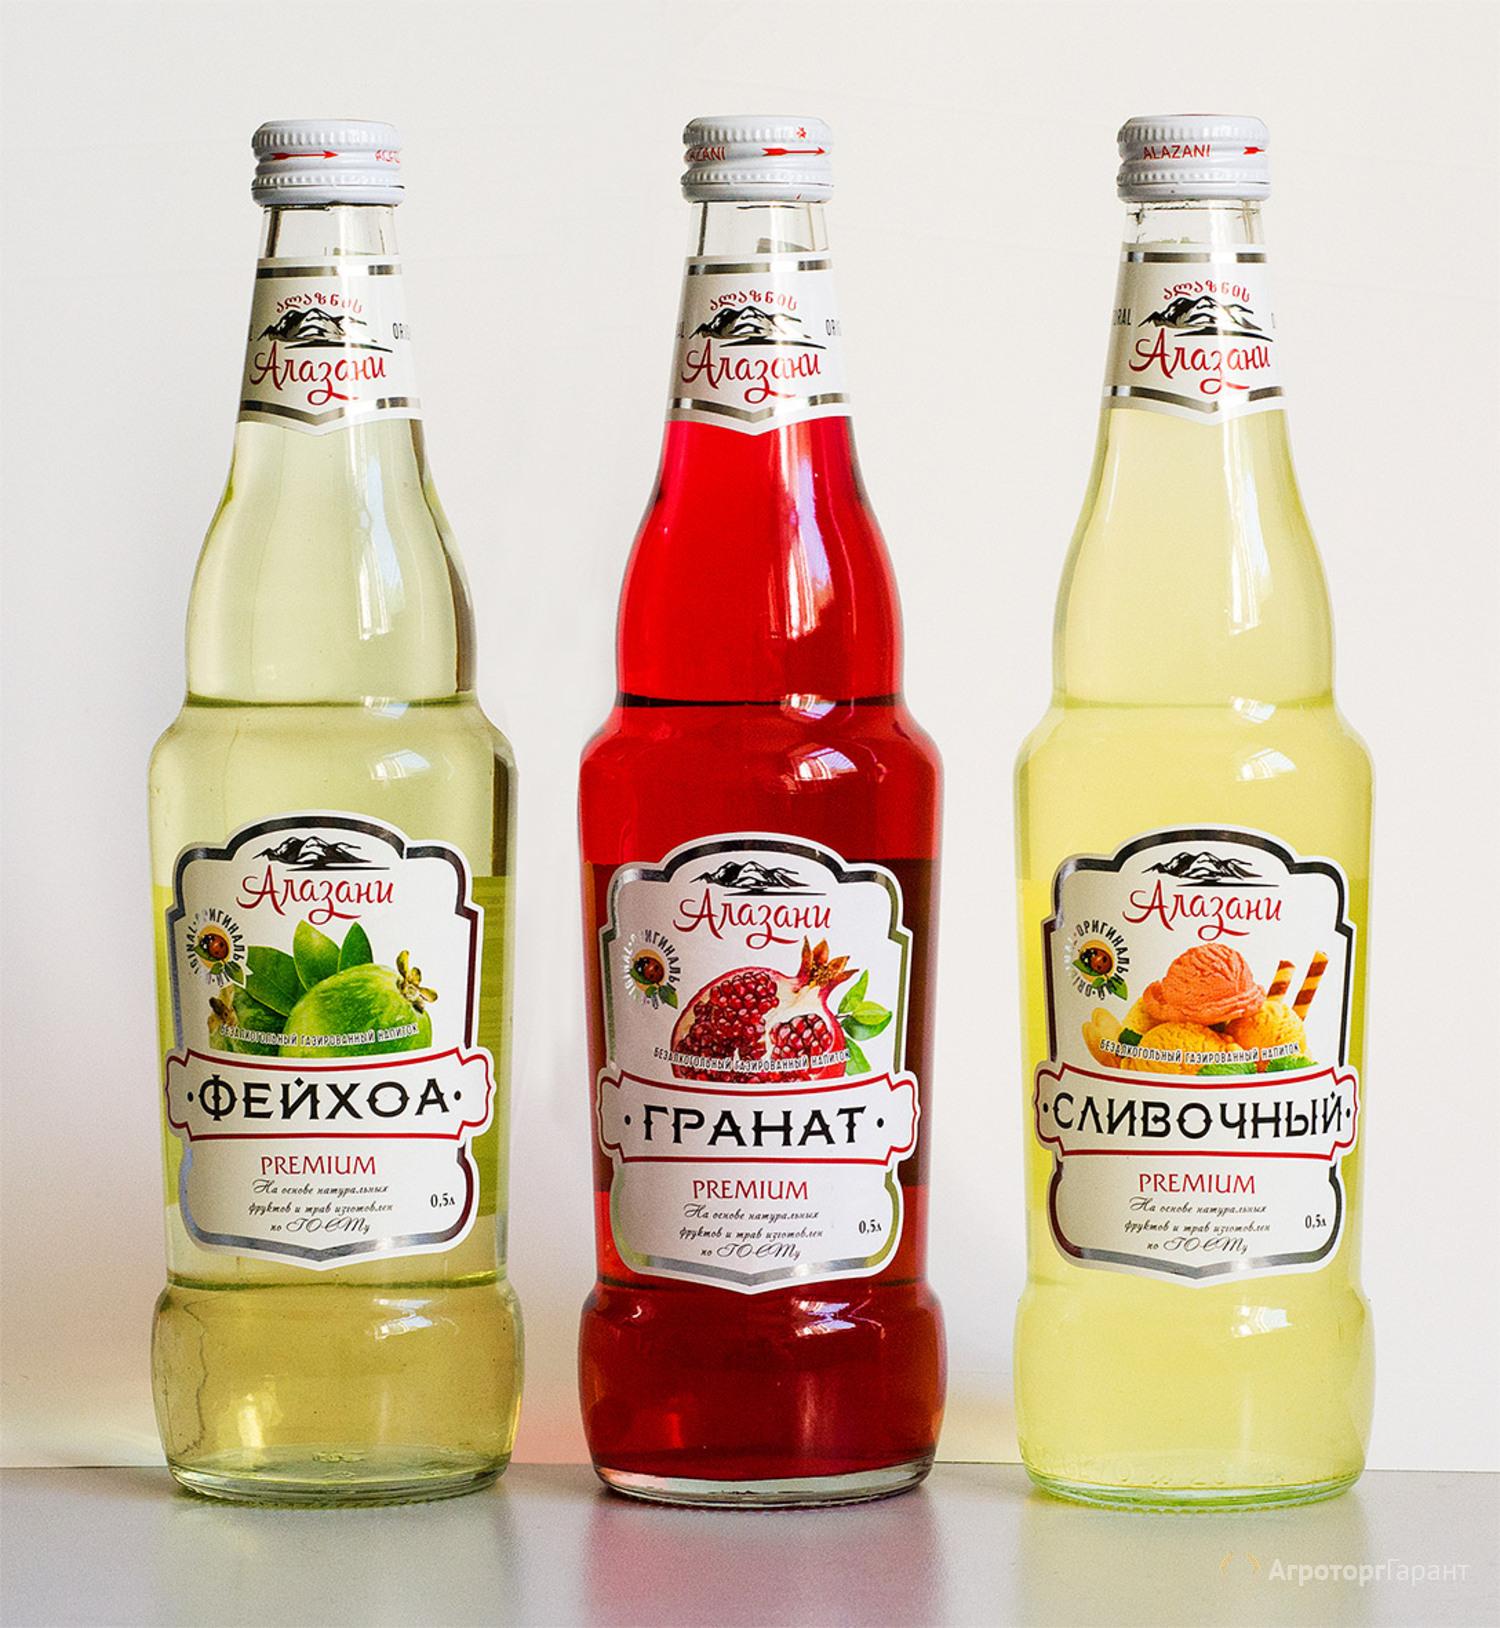 Объявление Безалкогольные газированные напитки в Ненецком автономном округе